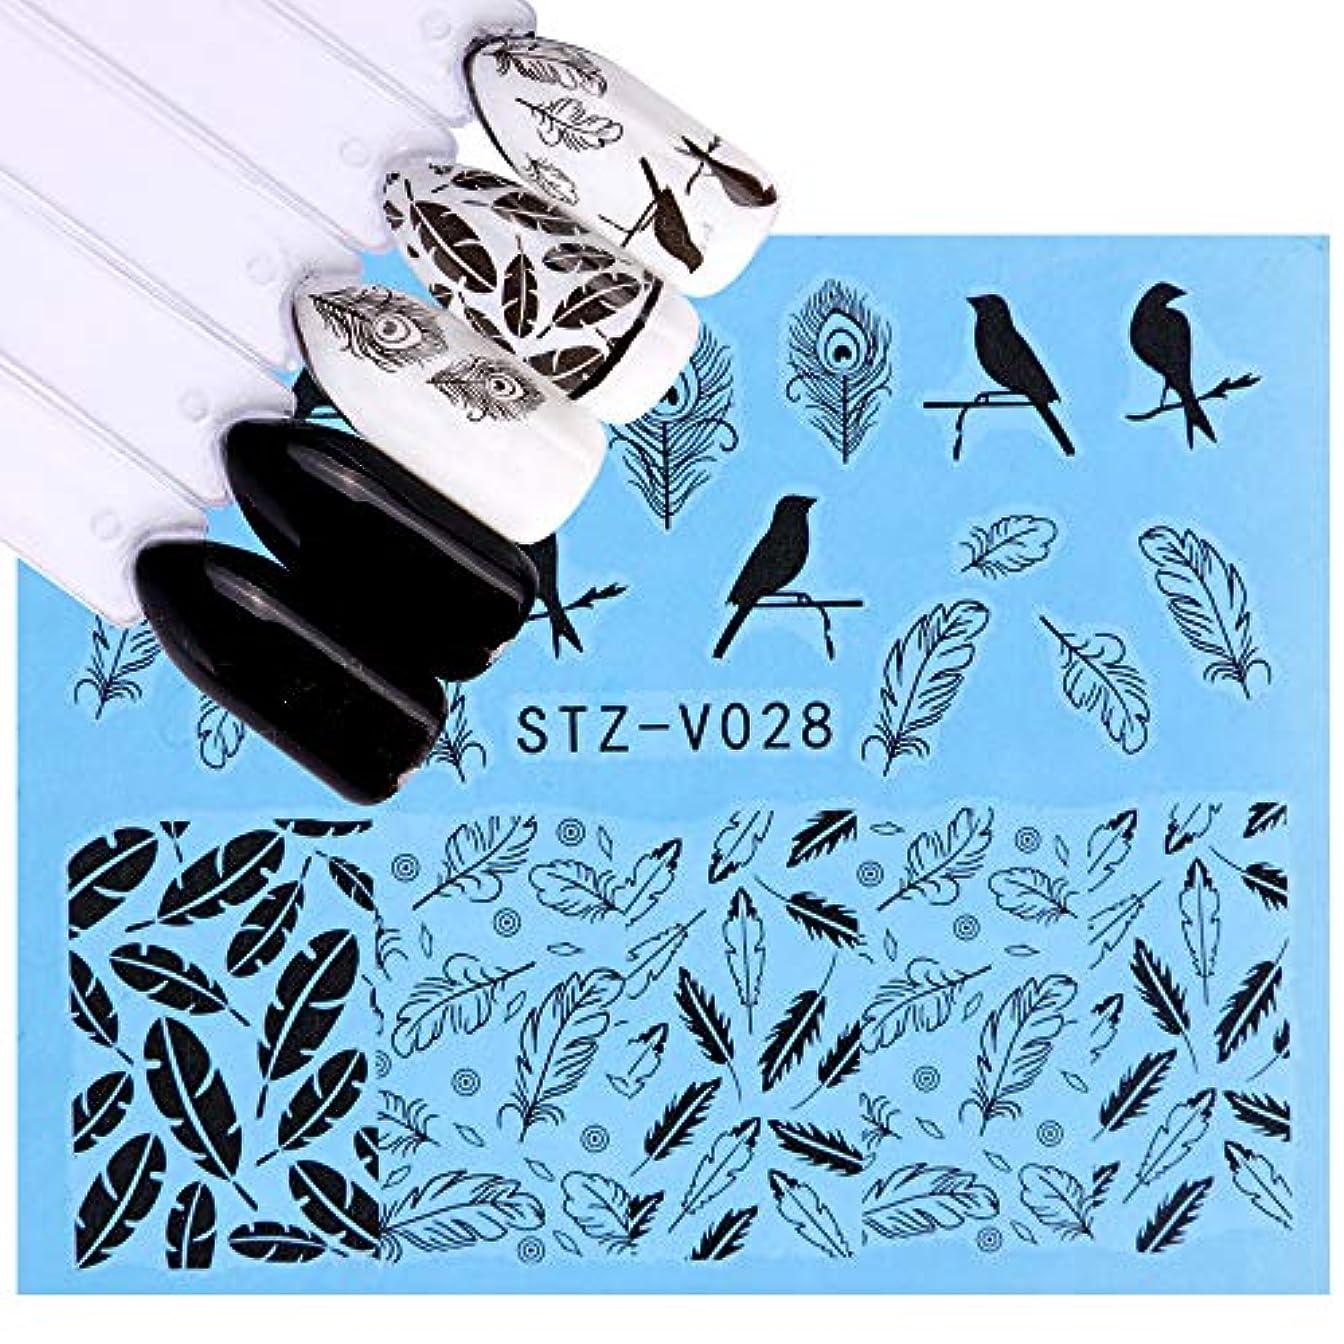 既にハッチ恥SUKTI&XIAO ネイルステッカー 48枚新しい花レースネイルアート水転写デカールステッカーネイルヒント黒/白マニキュア装飾ツール